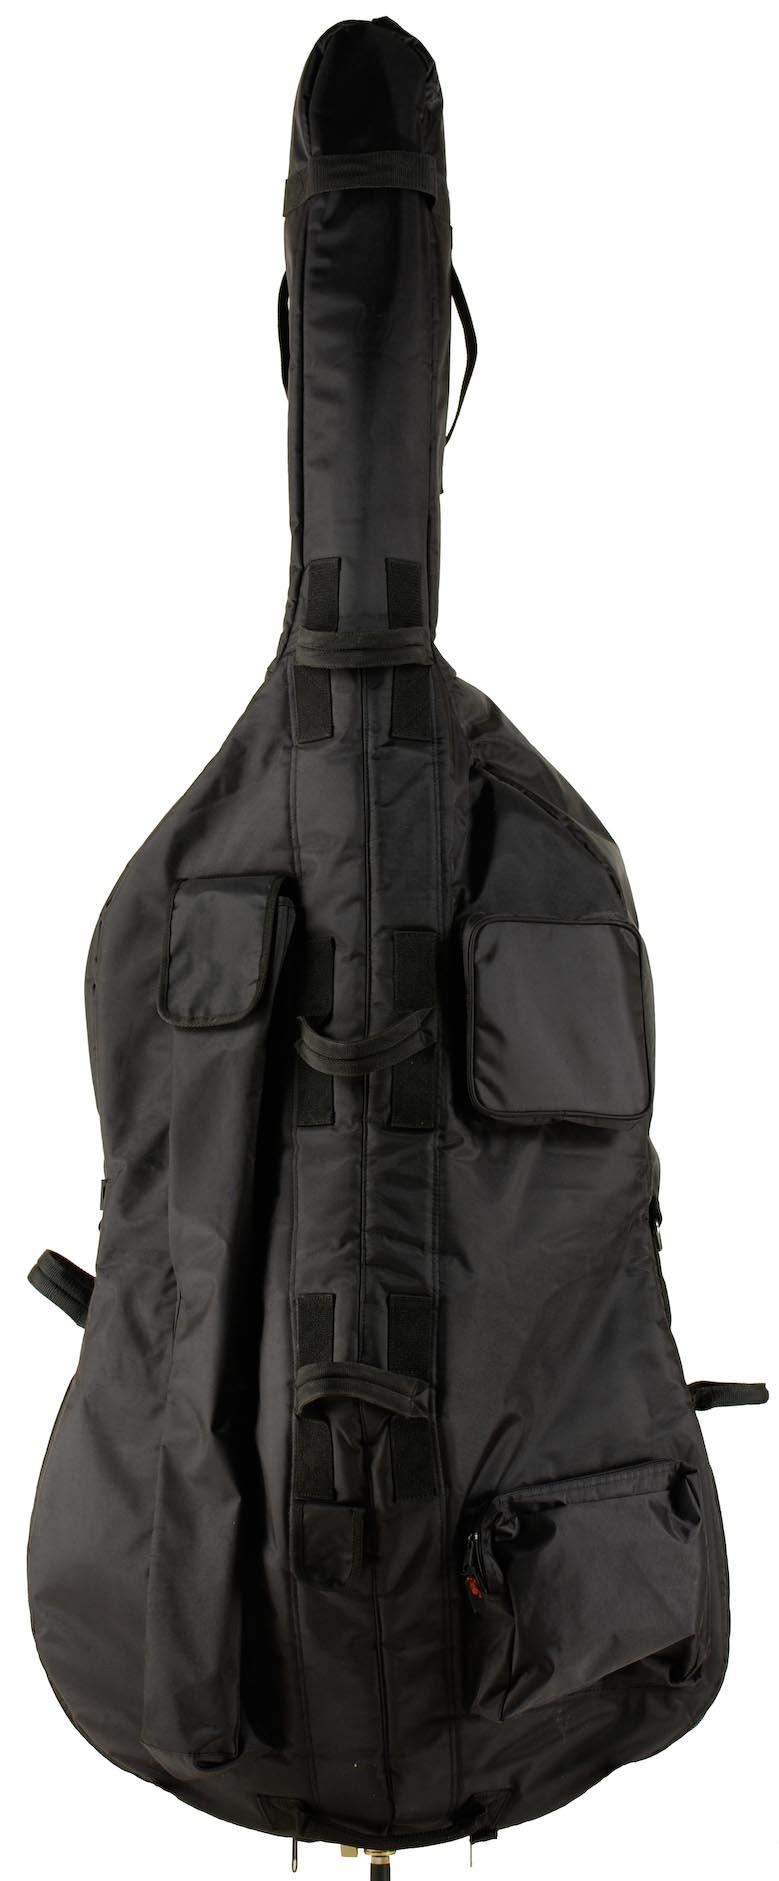 Standard Bass Rental Bag